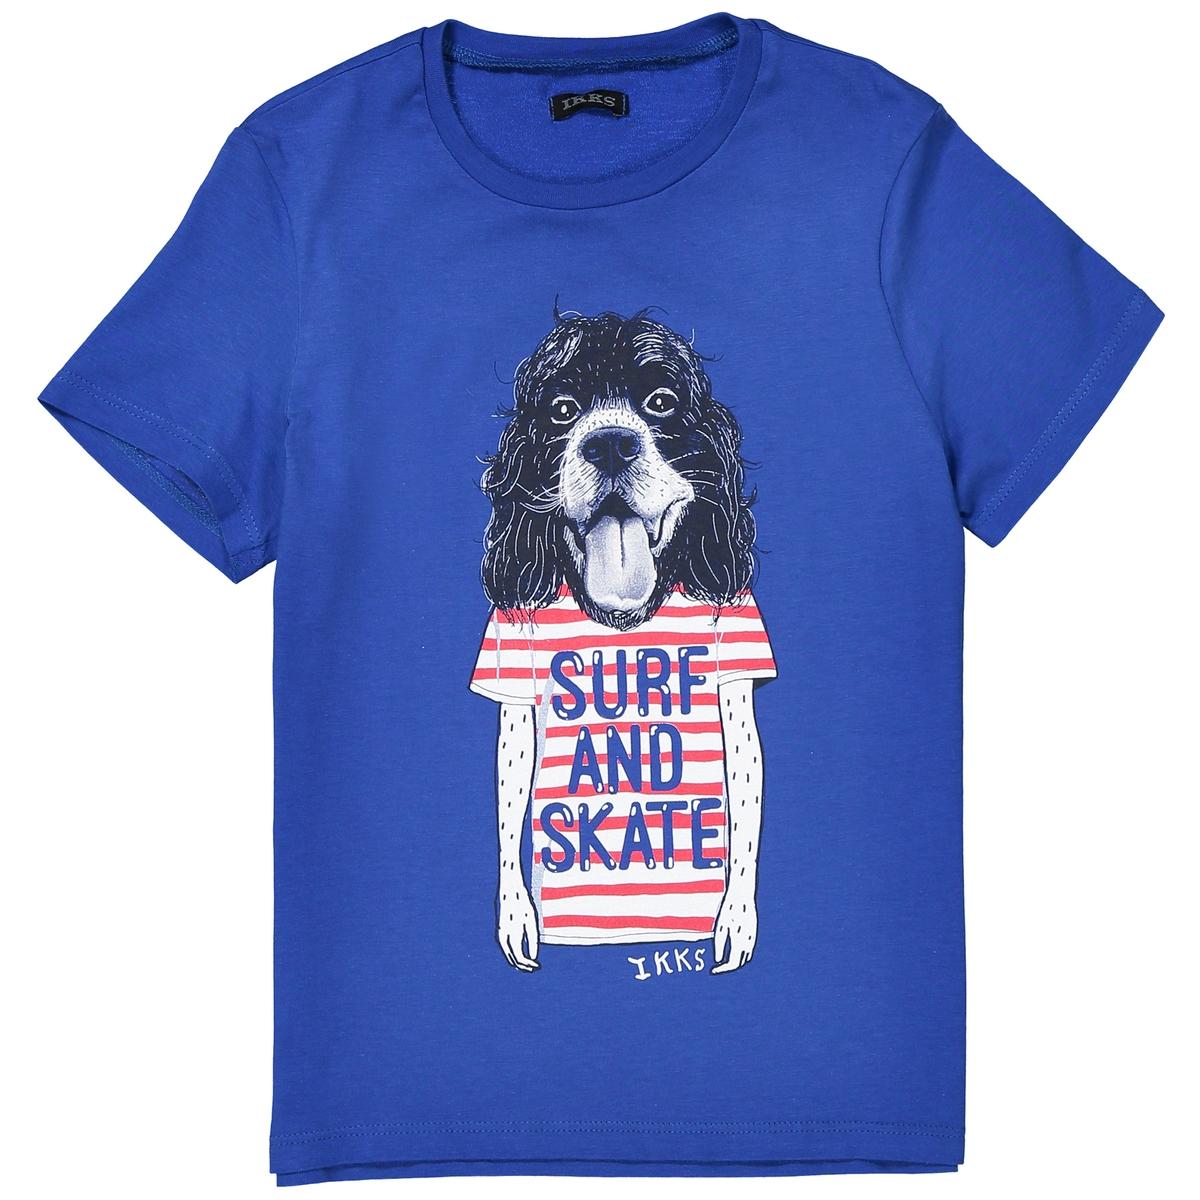 Футболка с рисунком собака, 3 - 14 летДетали •  Короткие рукава •  Круглый вырез •  Рисунок спередиСостав и уход •  100% хлопок •  Следуйте рекомендациям по уходу, указанным на этикетке изделия<br><br>Цвет: синий